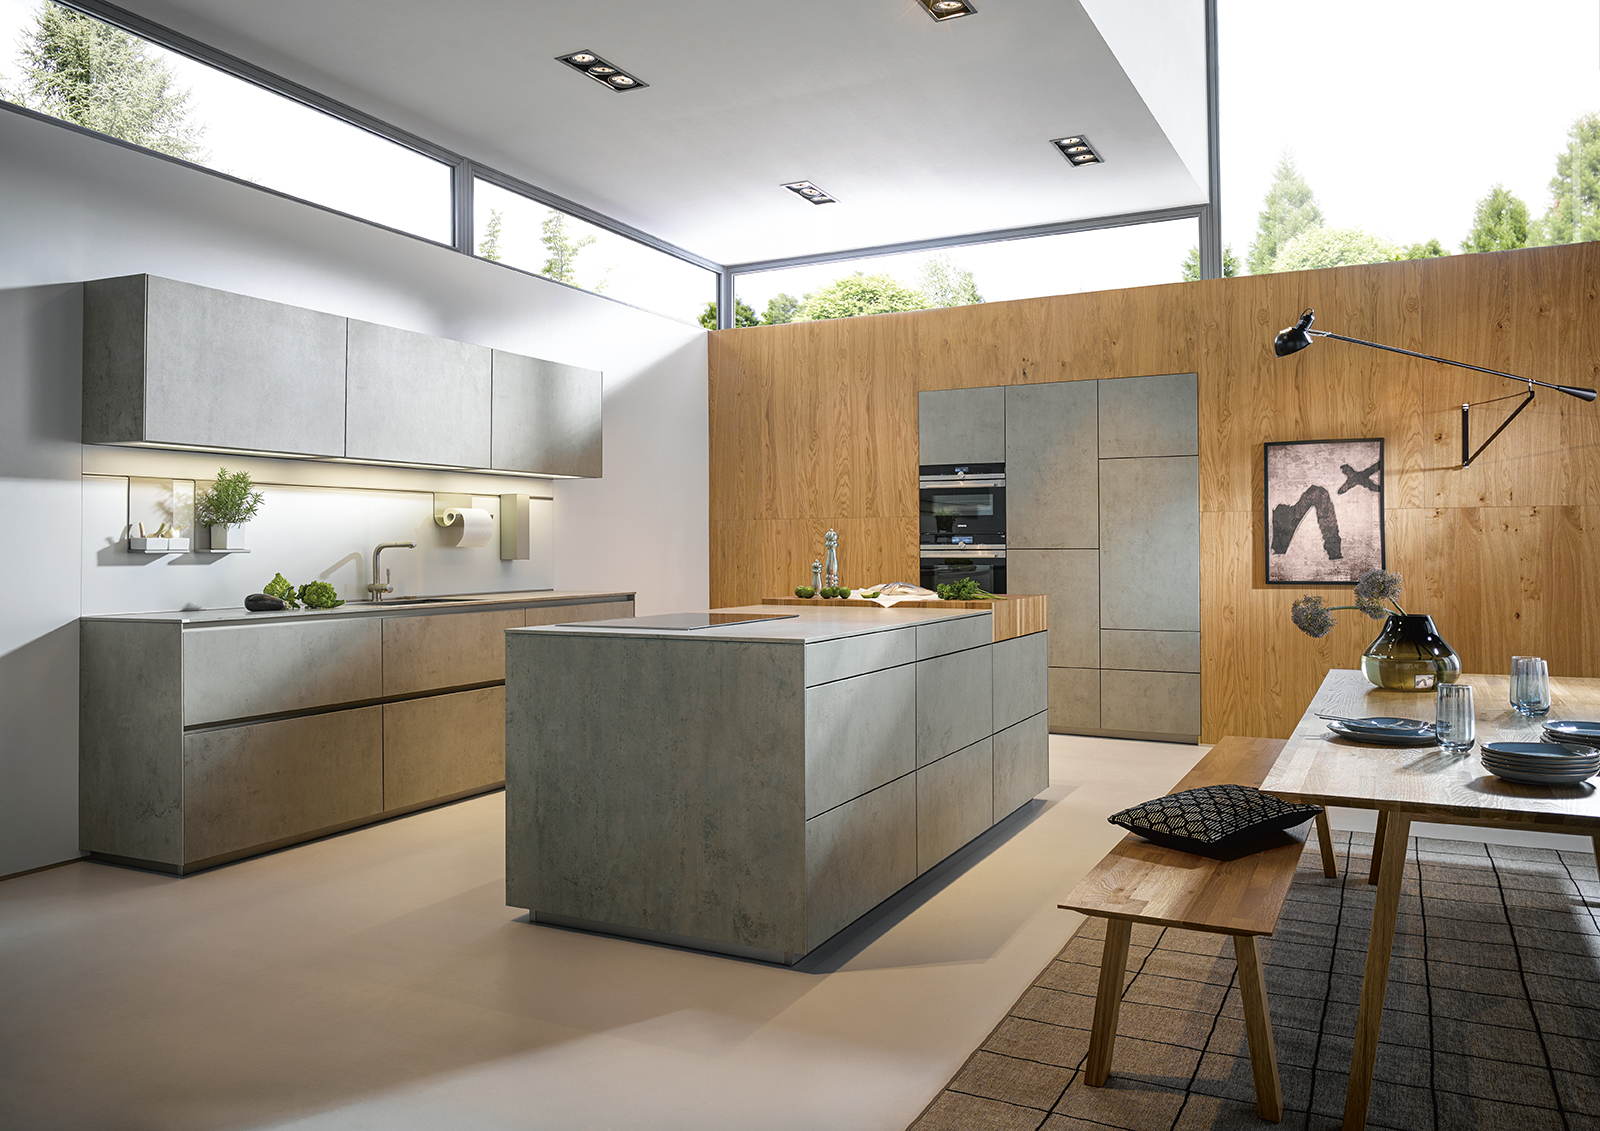 Showroom cuisine moderne style béton industriel épuré littoz